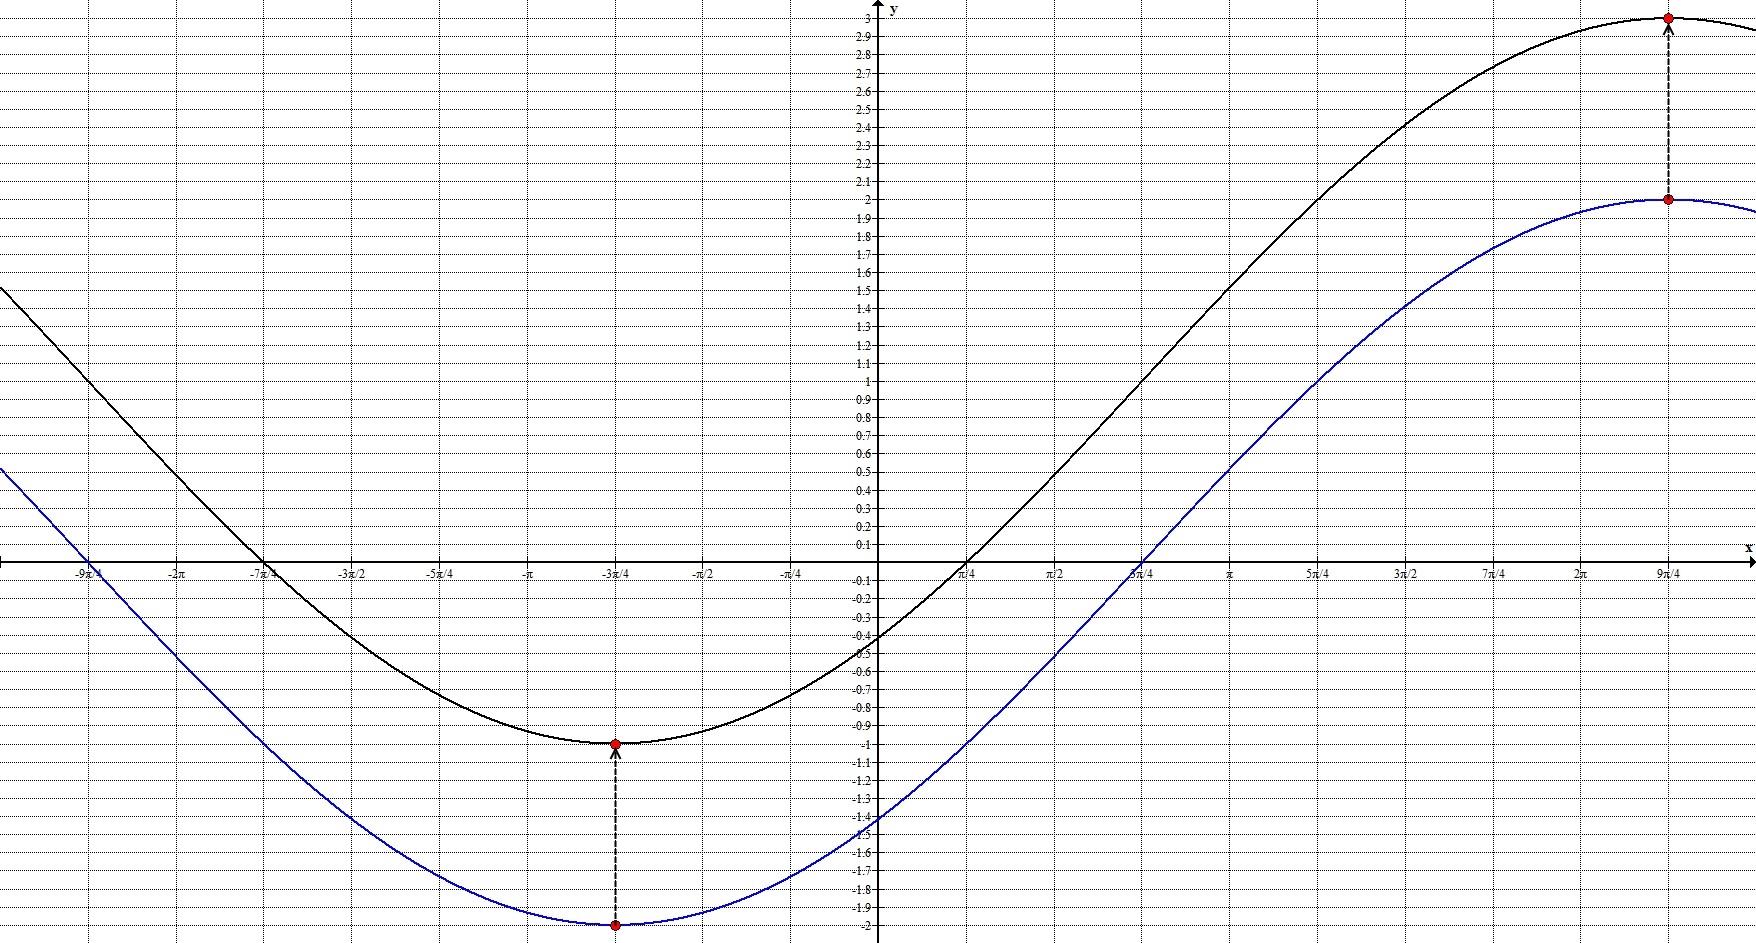 Геометрические преобразования. Общий случай. График 6.